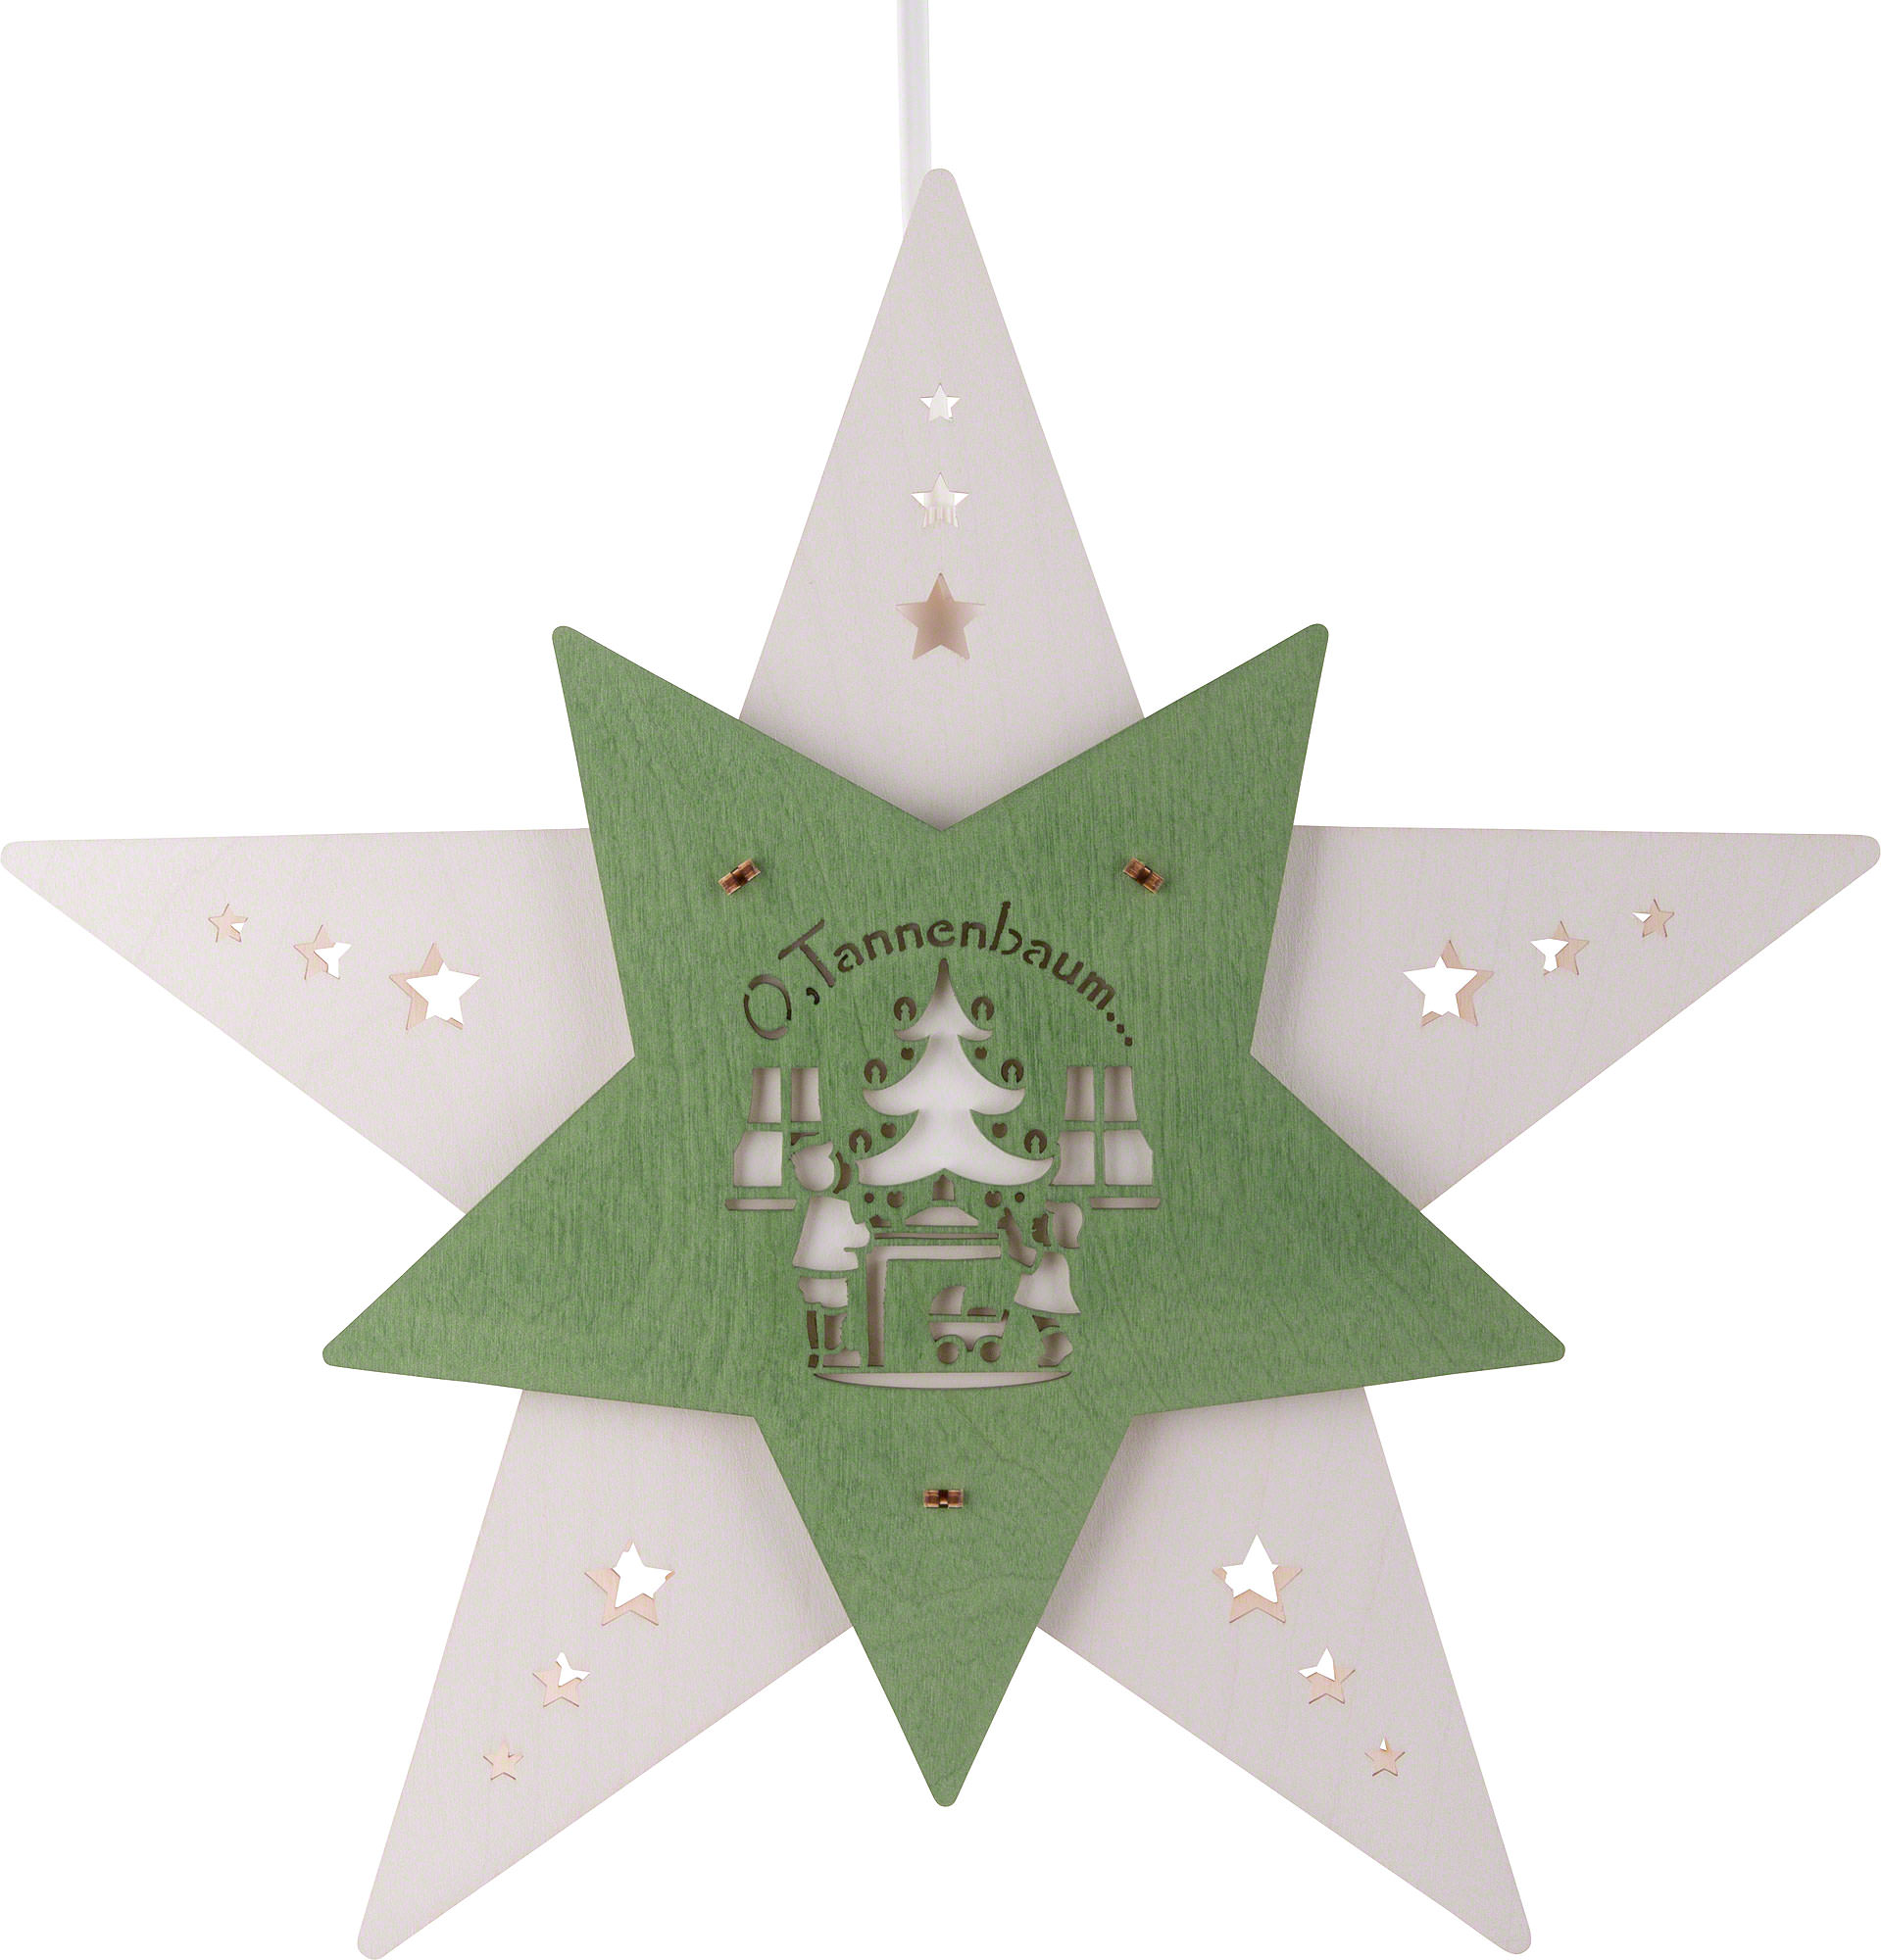 Tannenbaum Weiss Led.Fensterbild Stern Oh Tannenbaum Weiß Grün Led 30 5x29x6 Cm